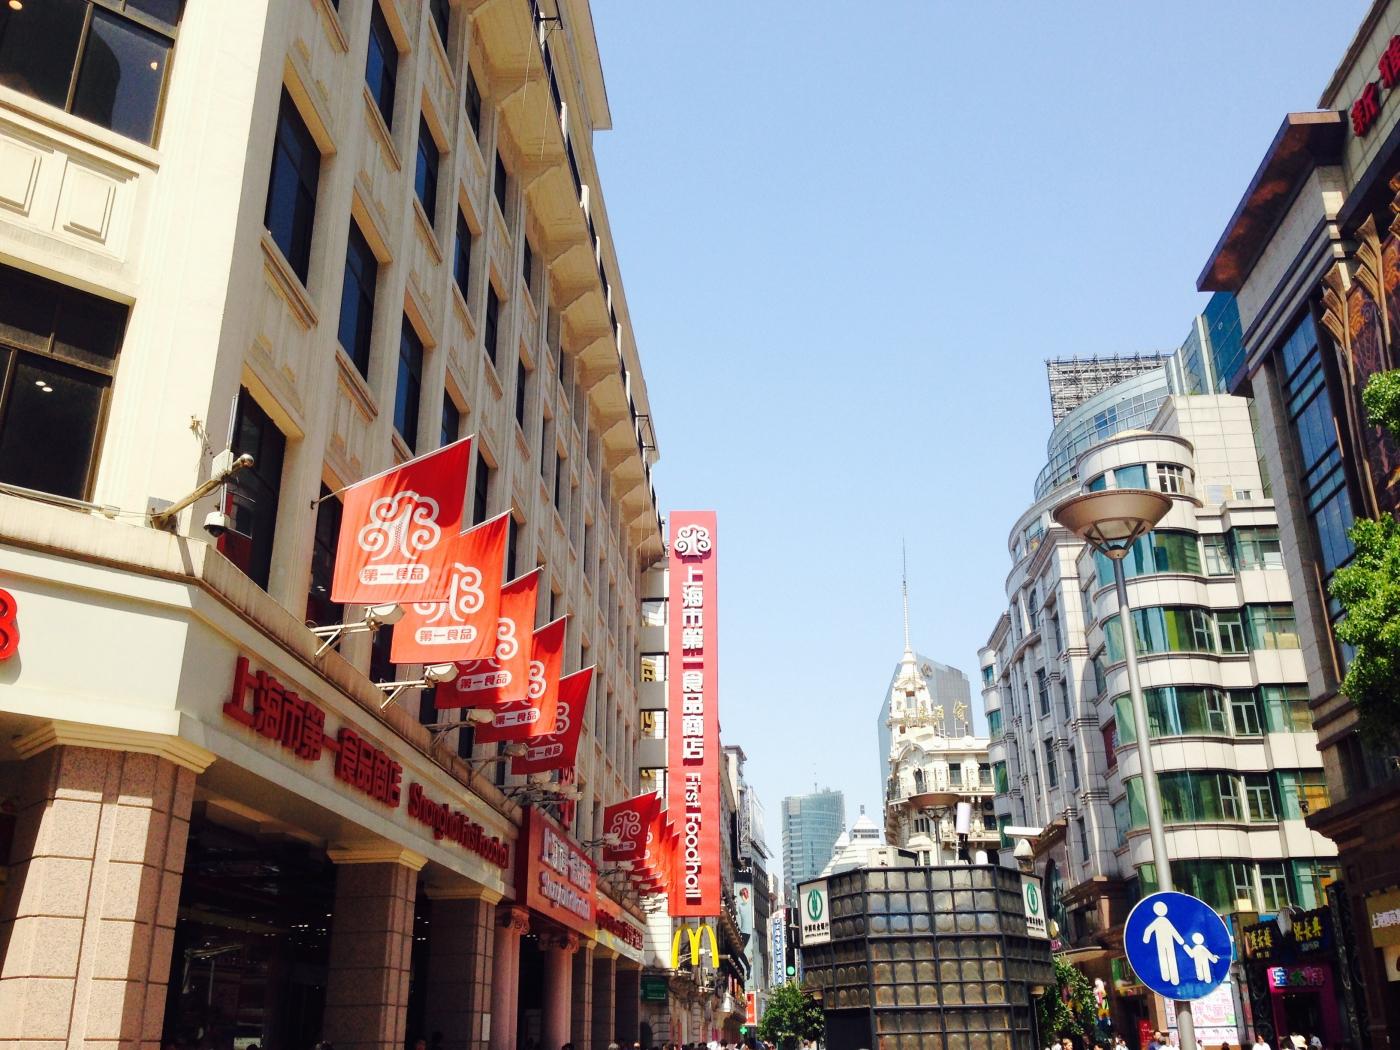 闲逛上海看街景_图1-35